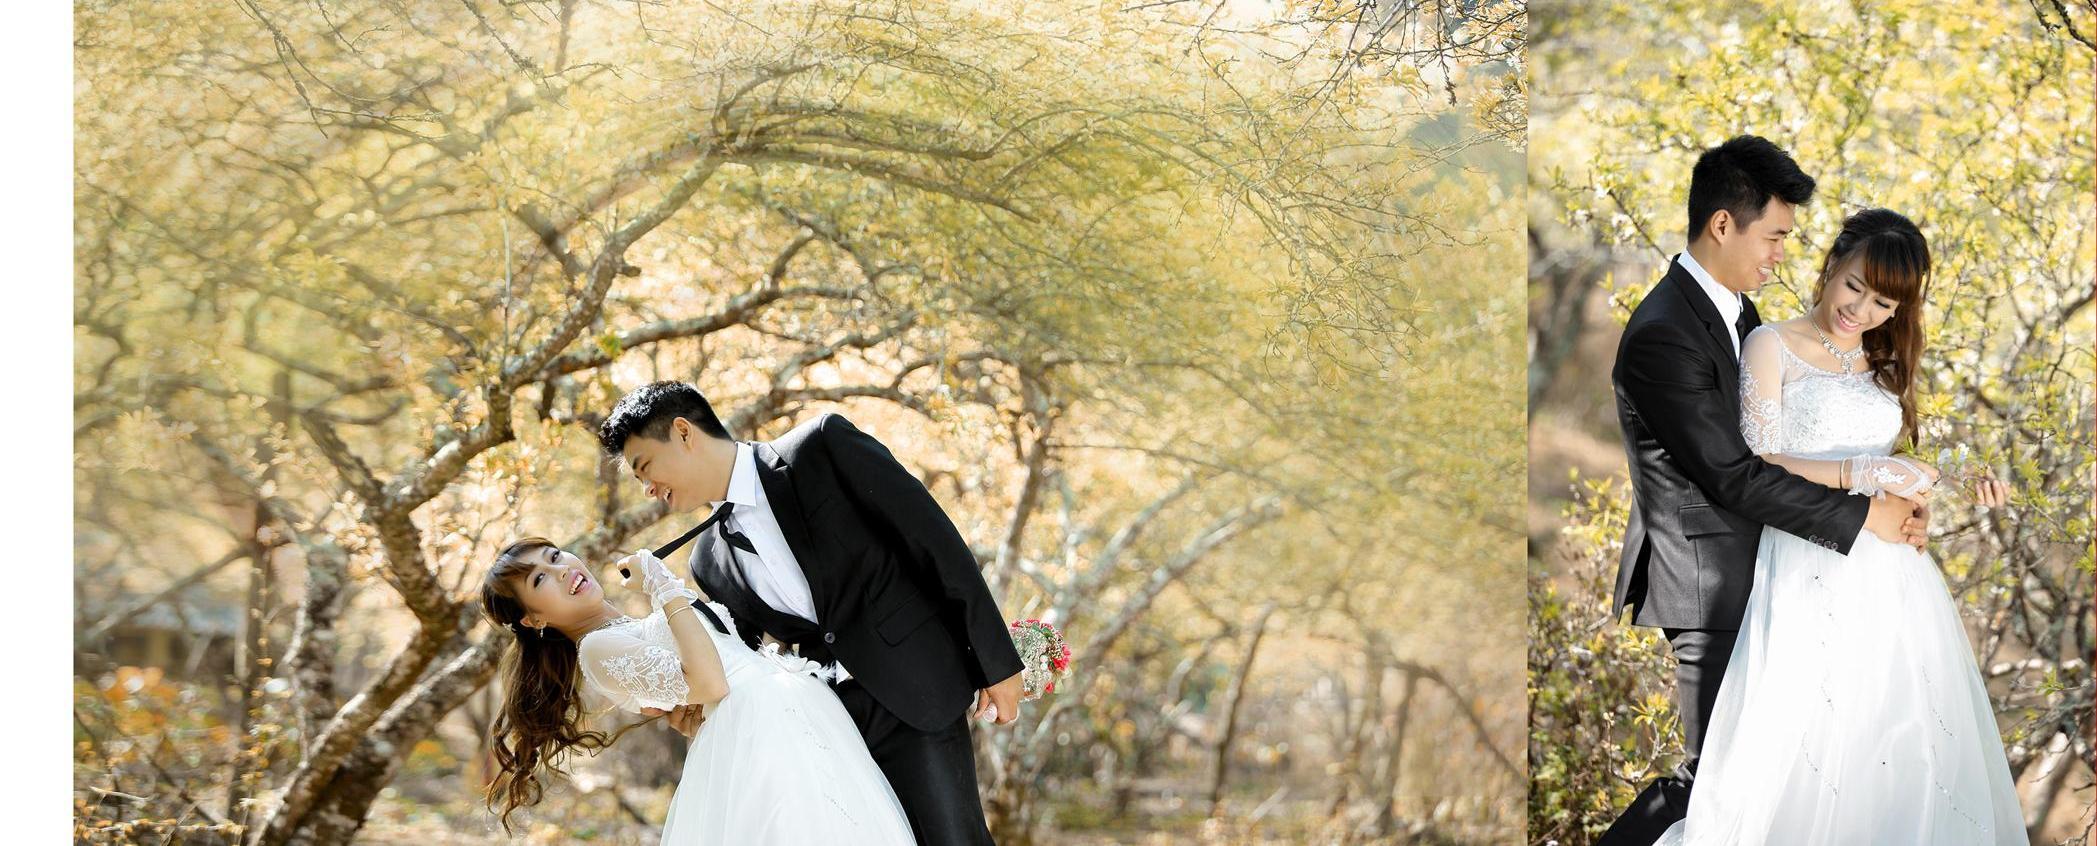 chọn phông nền chụp ảnh cưới tại studio